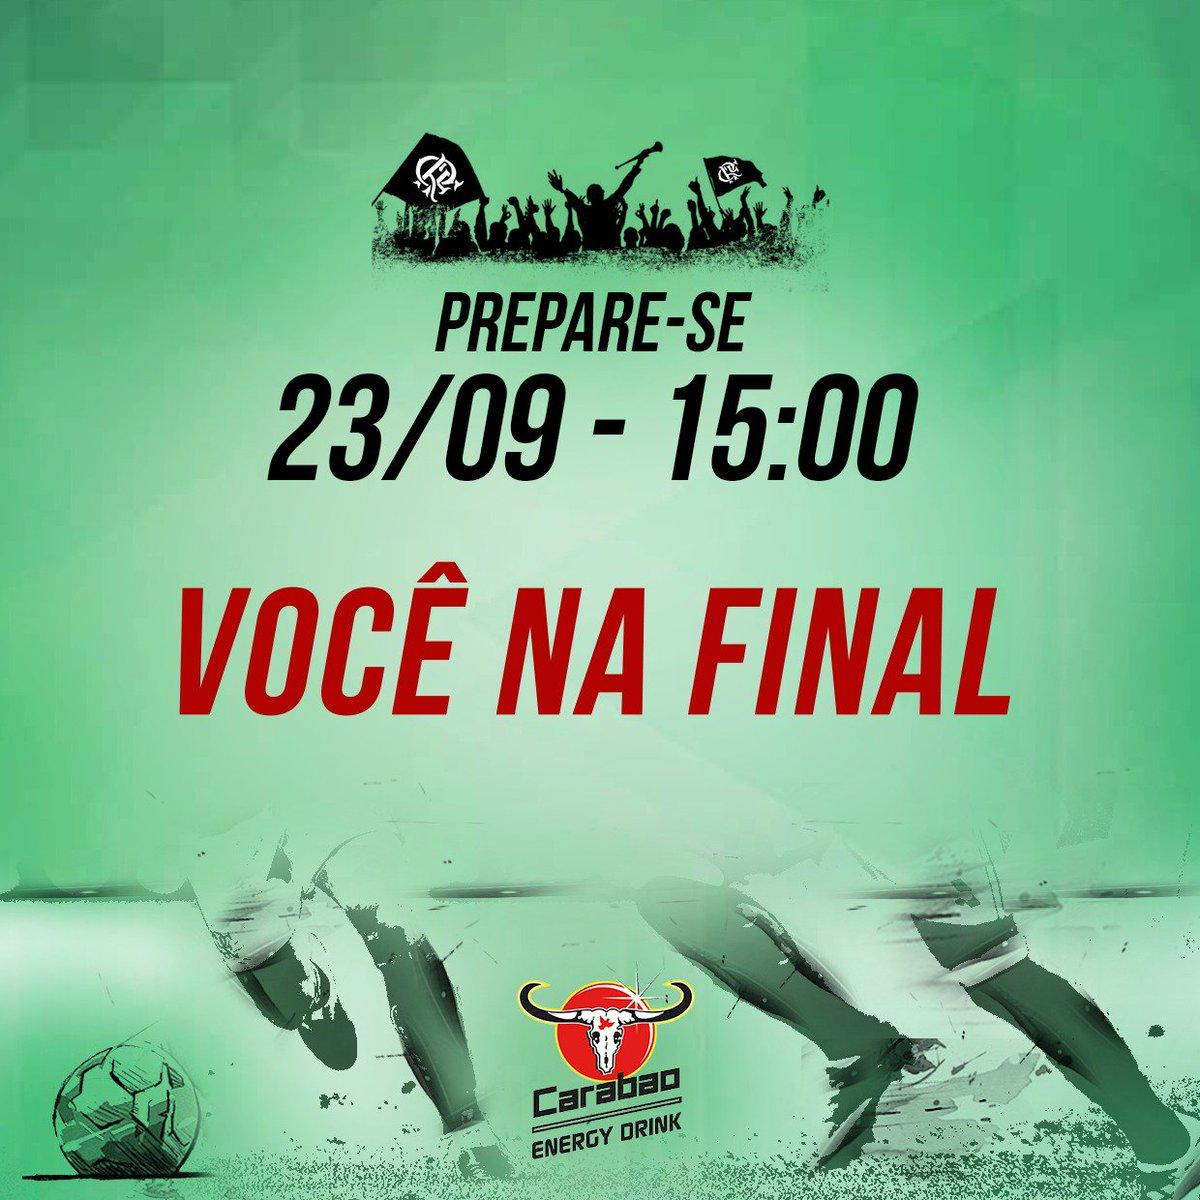 Torcedores com mais energia devem estar sempre com o time. Prepare-se para mostrar muita vontade e chegar junto com o #Flamengo pela taça!